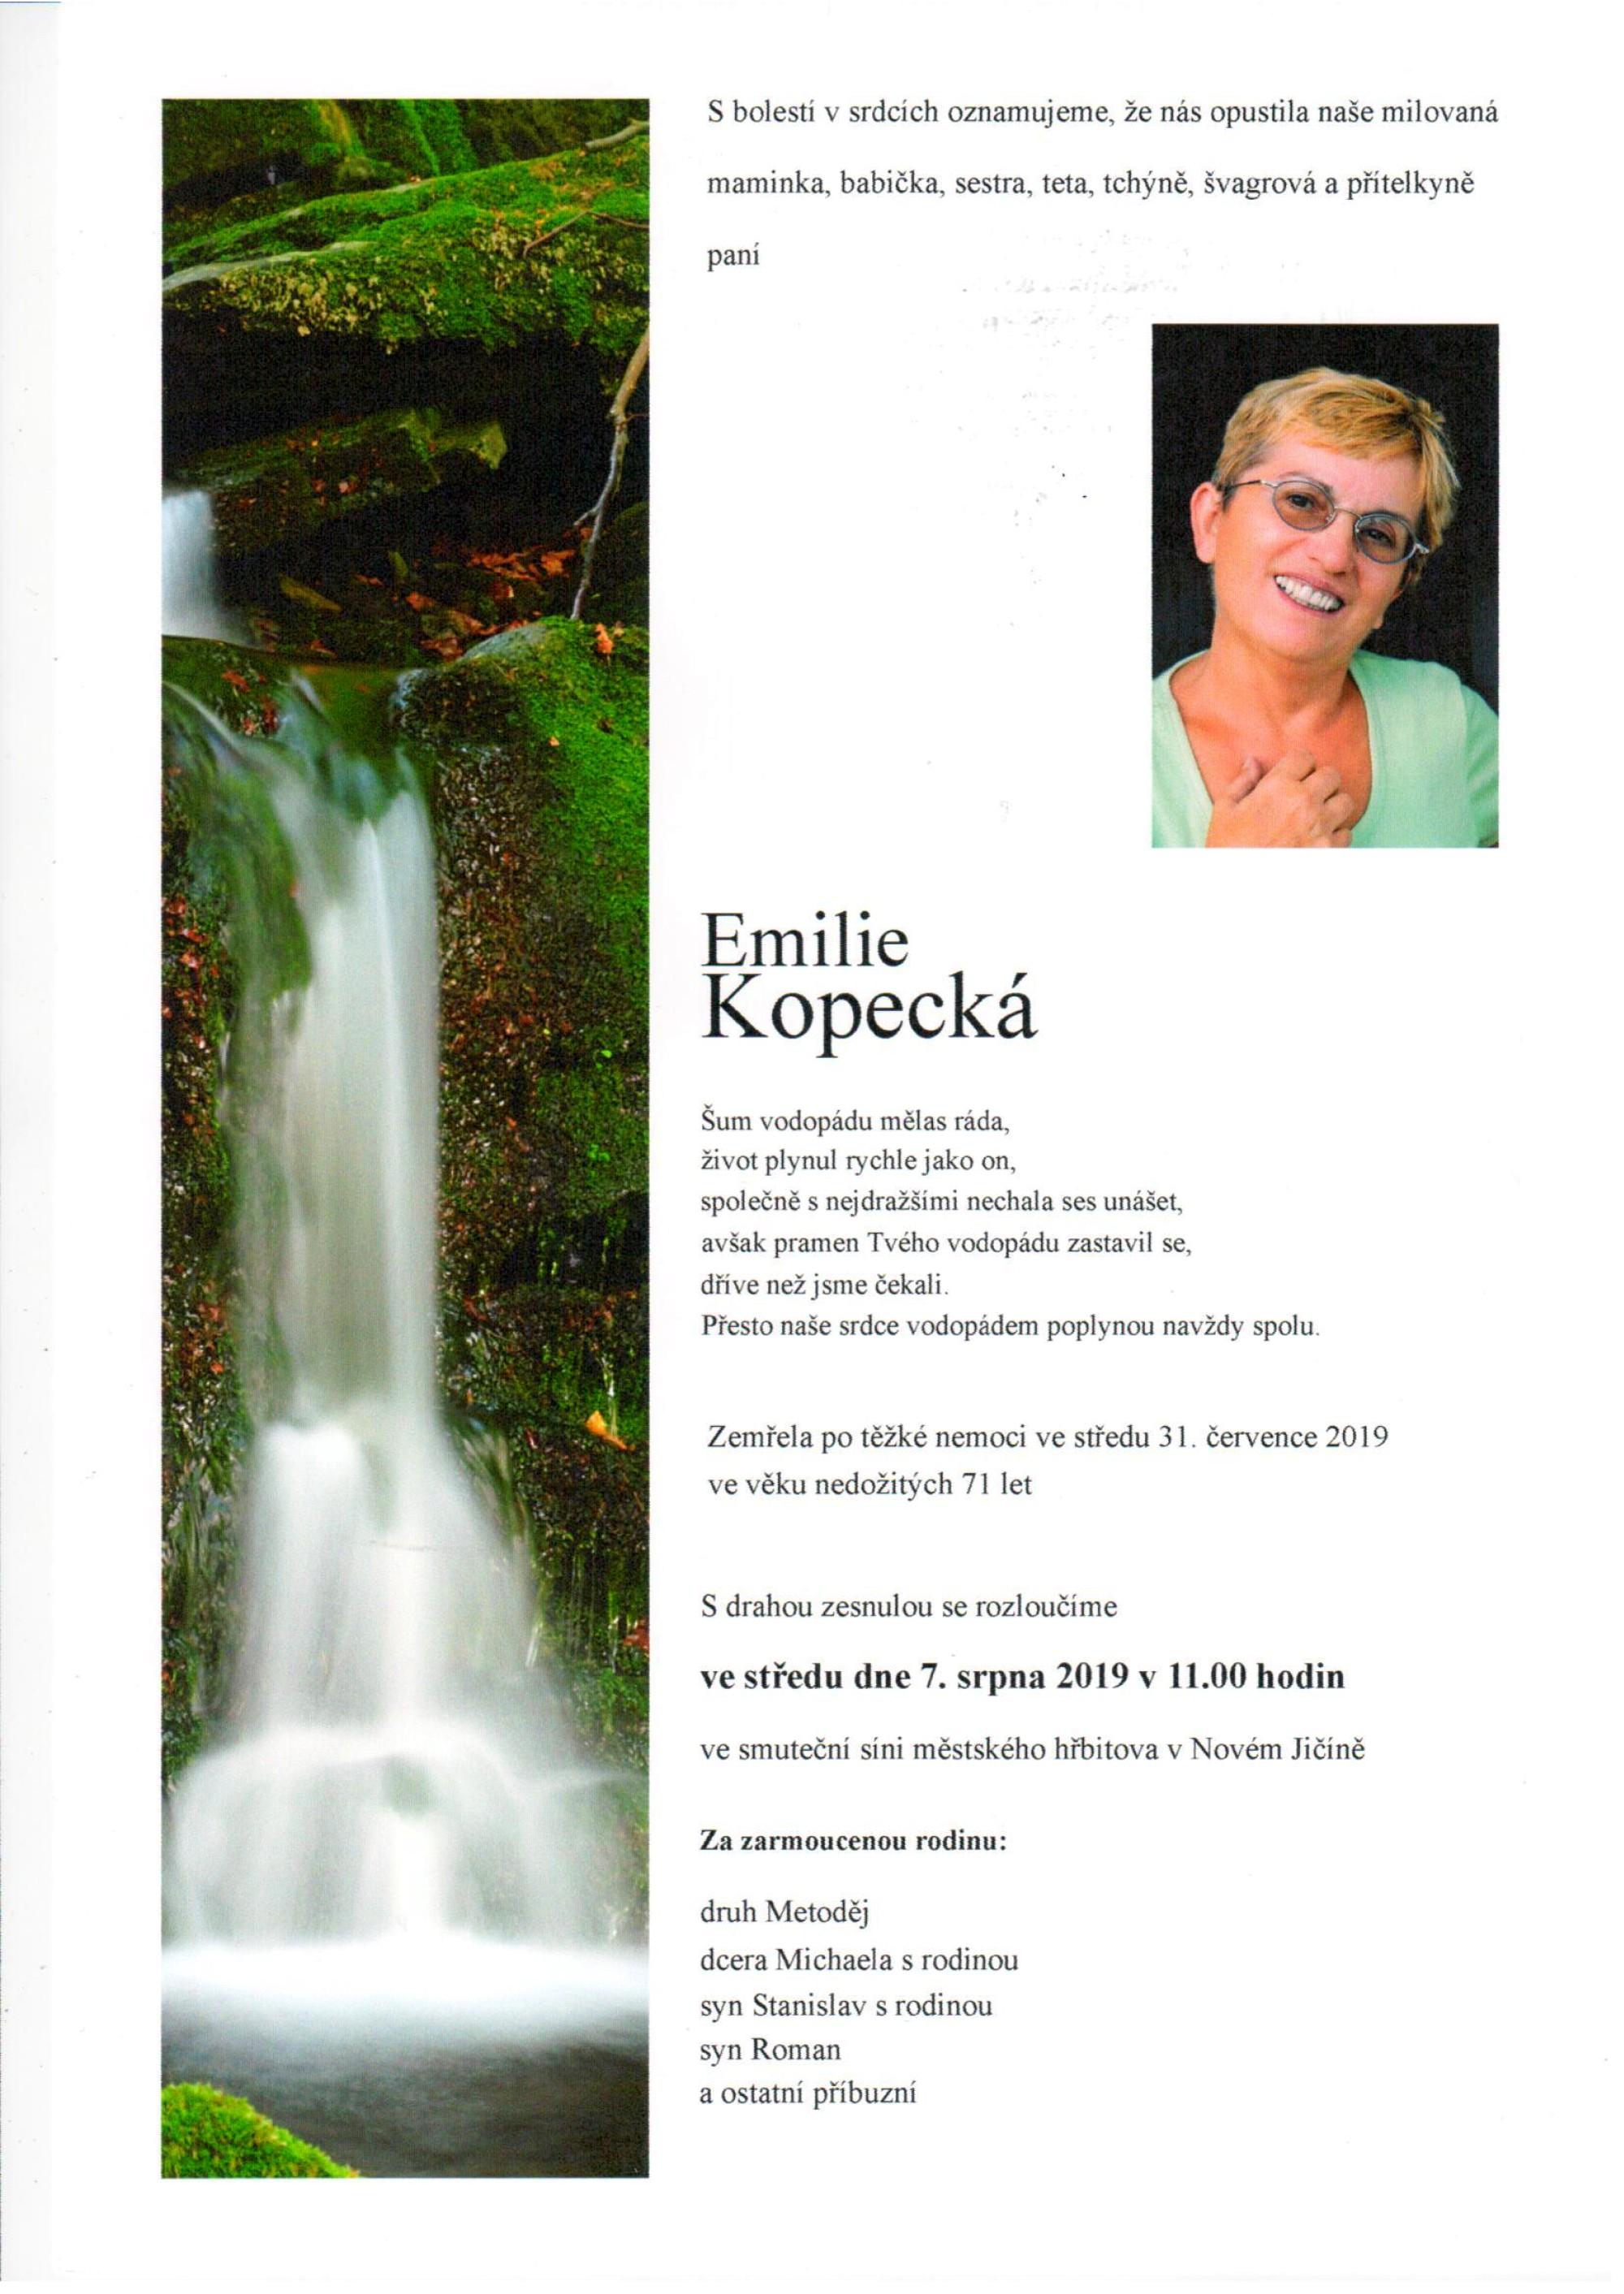 Emilie Kopecká